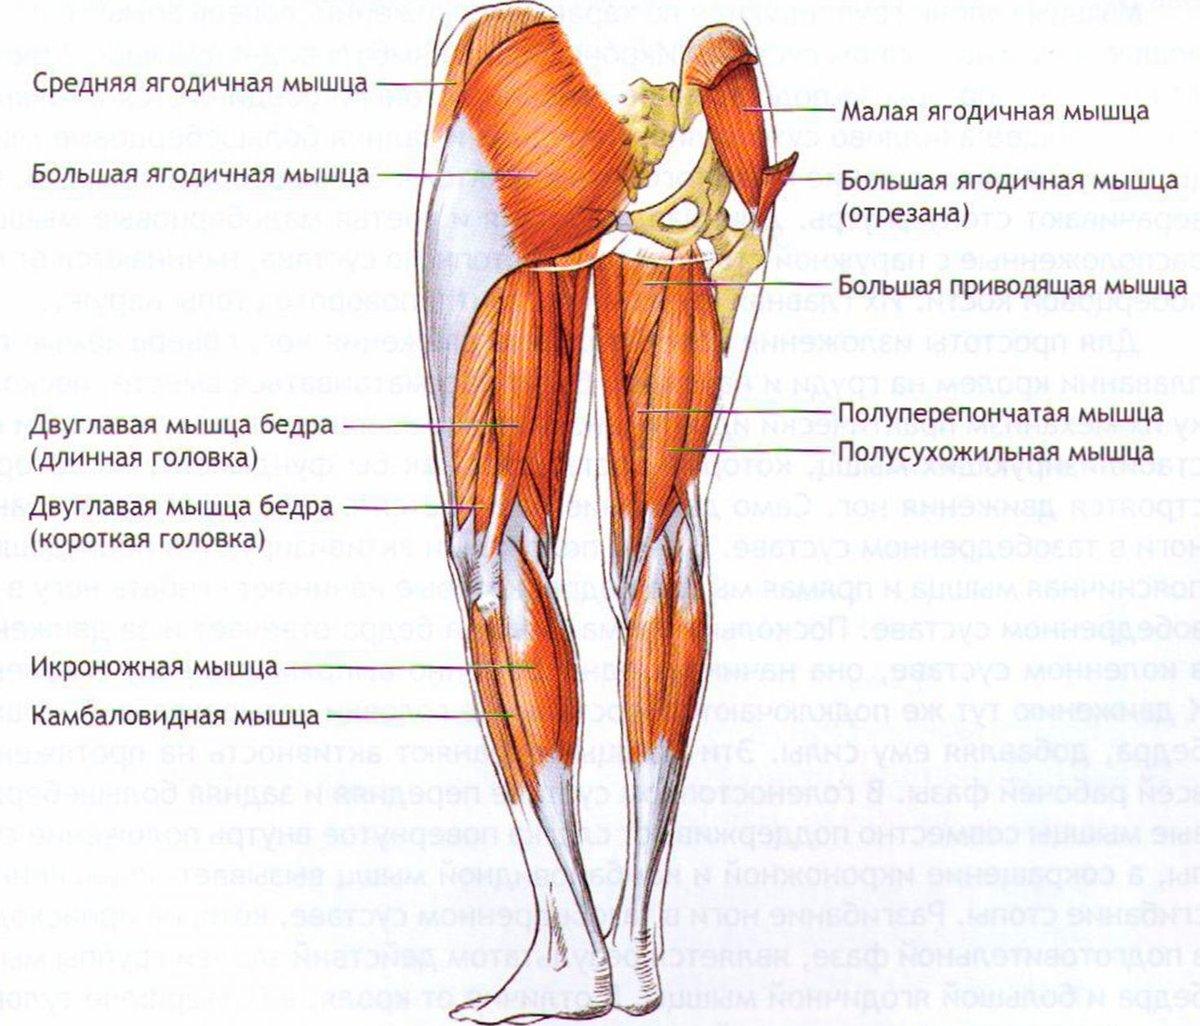 расположение мышц на ногах человека схема же, там заметили